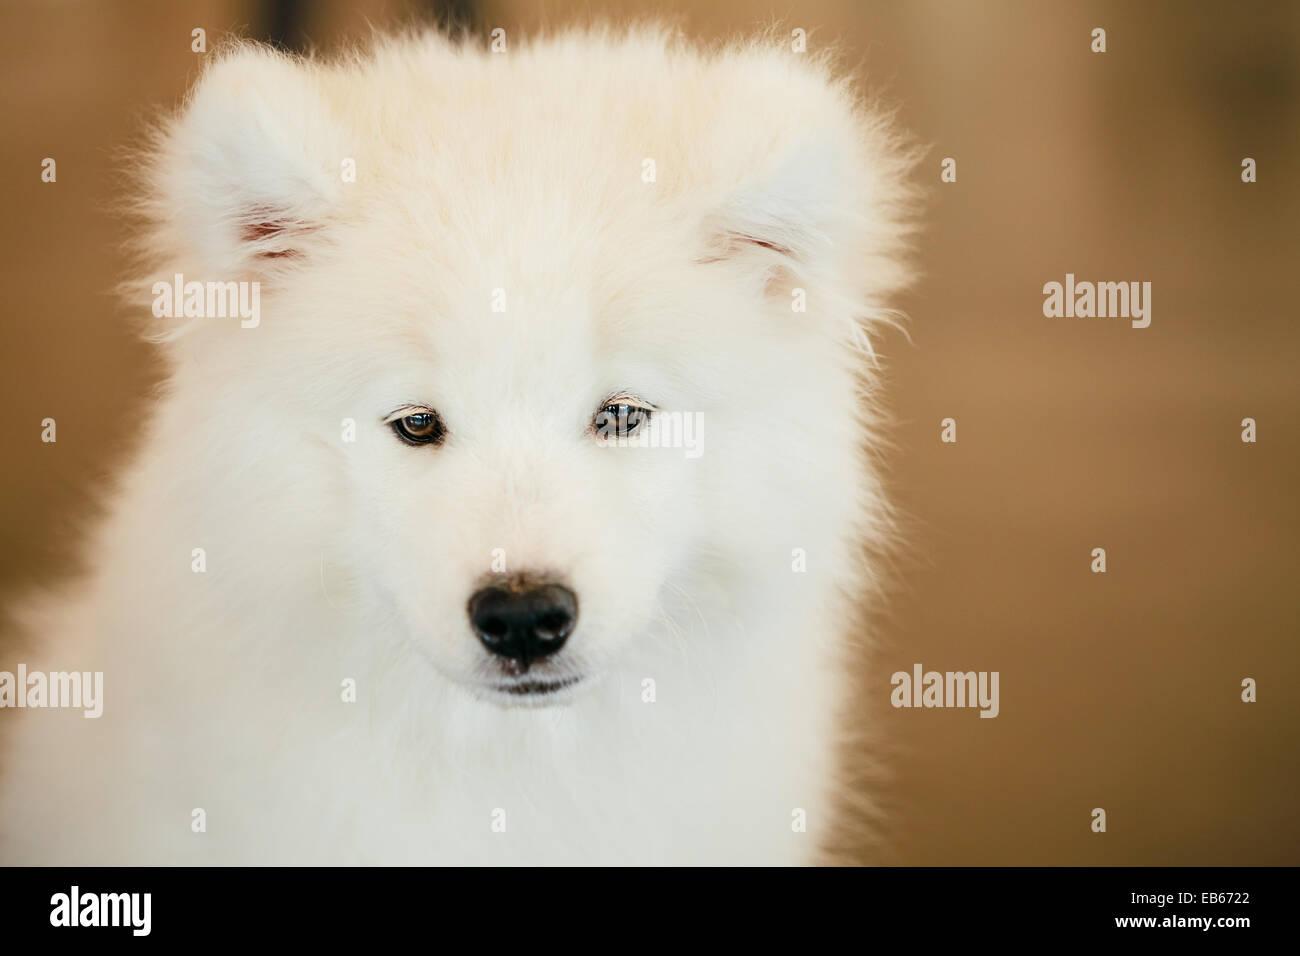 White Samoyed Dog Puppy Whelp Close Up Portrait - Stock Image